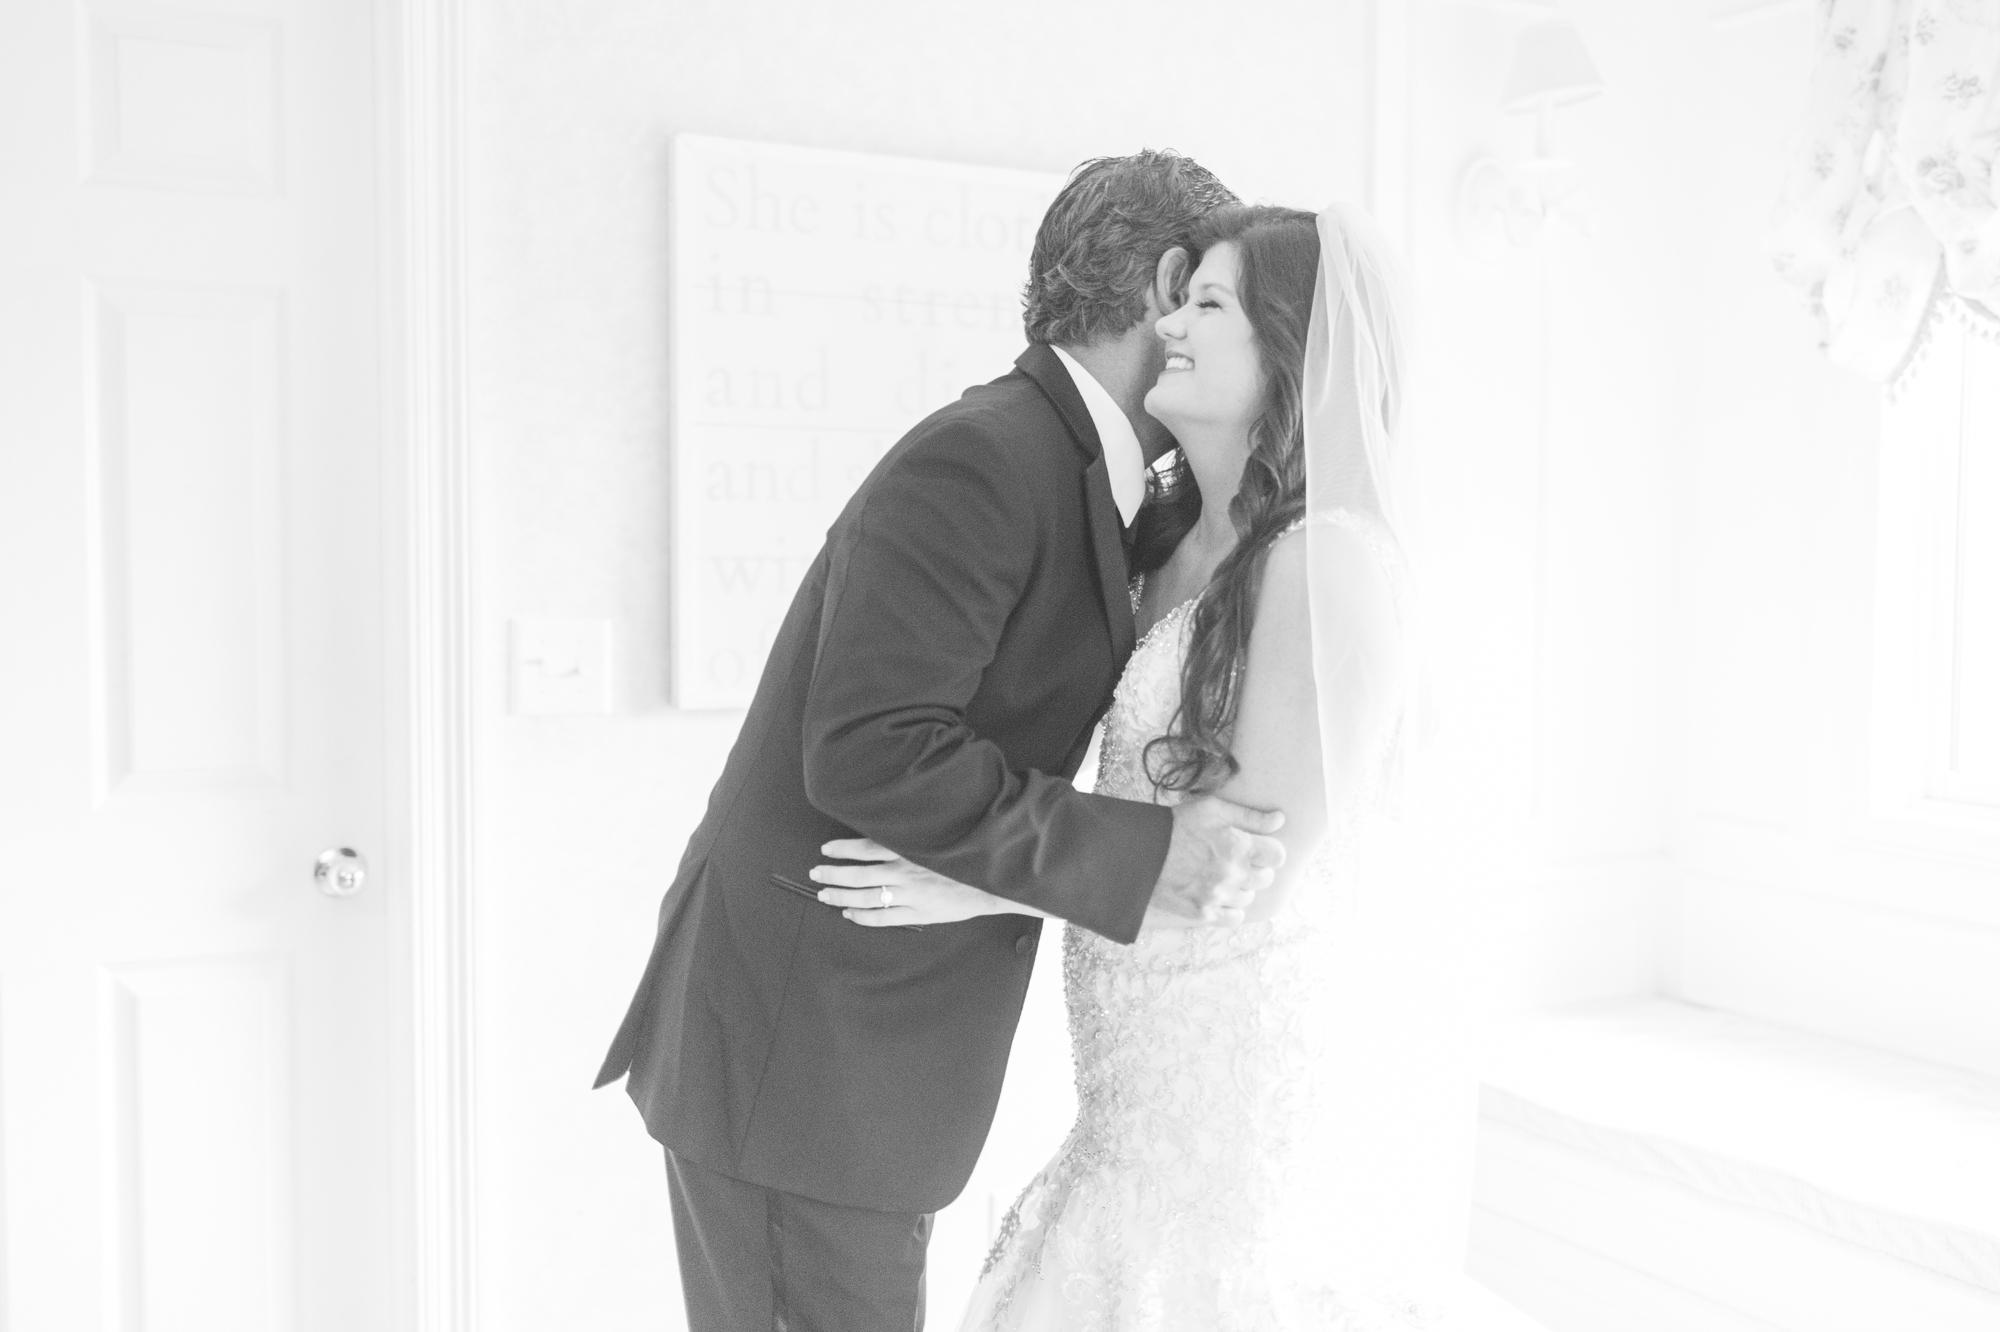 philadelphia-mississippi-summer-wedding 15.jpg